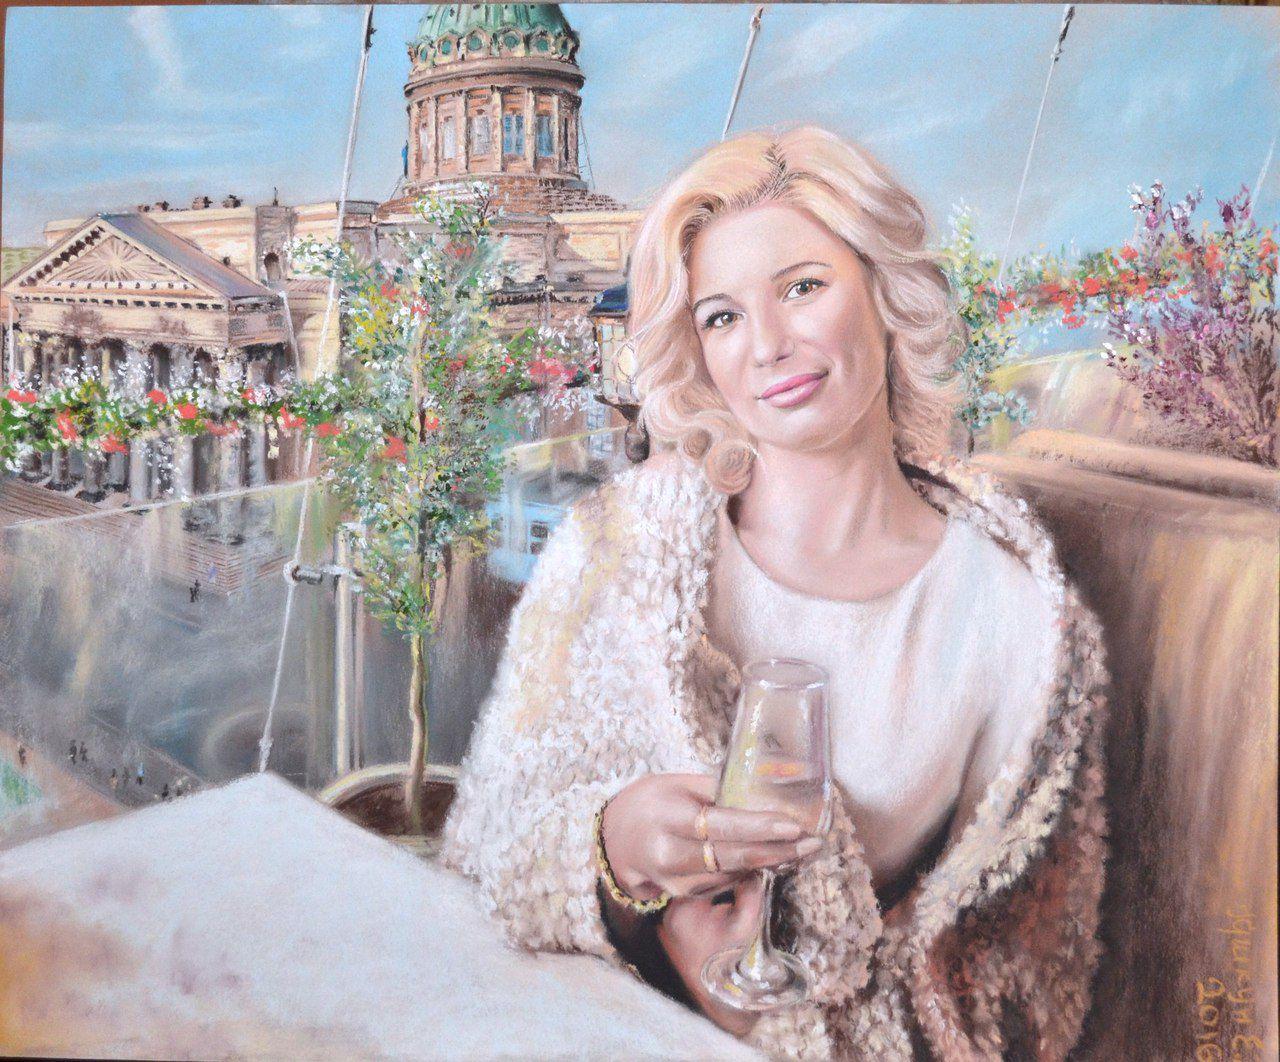 графика заказ на фото женский детский юбилей живопись парадный ню фантазийный украшение художник праздник сувенир свадьба мужской семейный подарок картина по семья дизайн искусство портрет